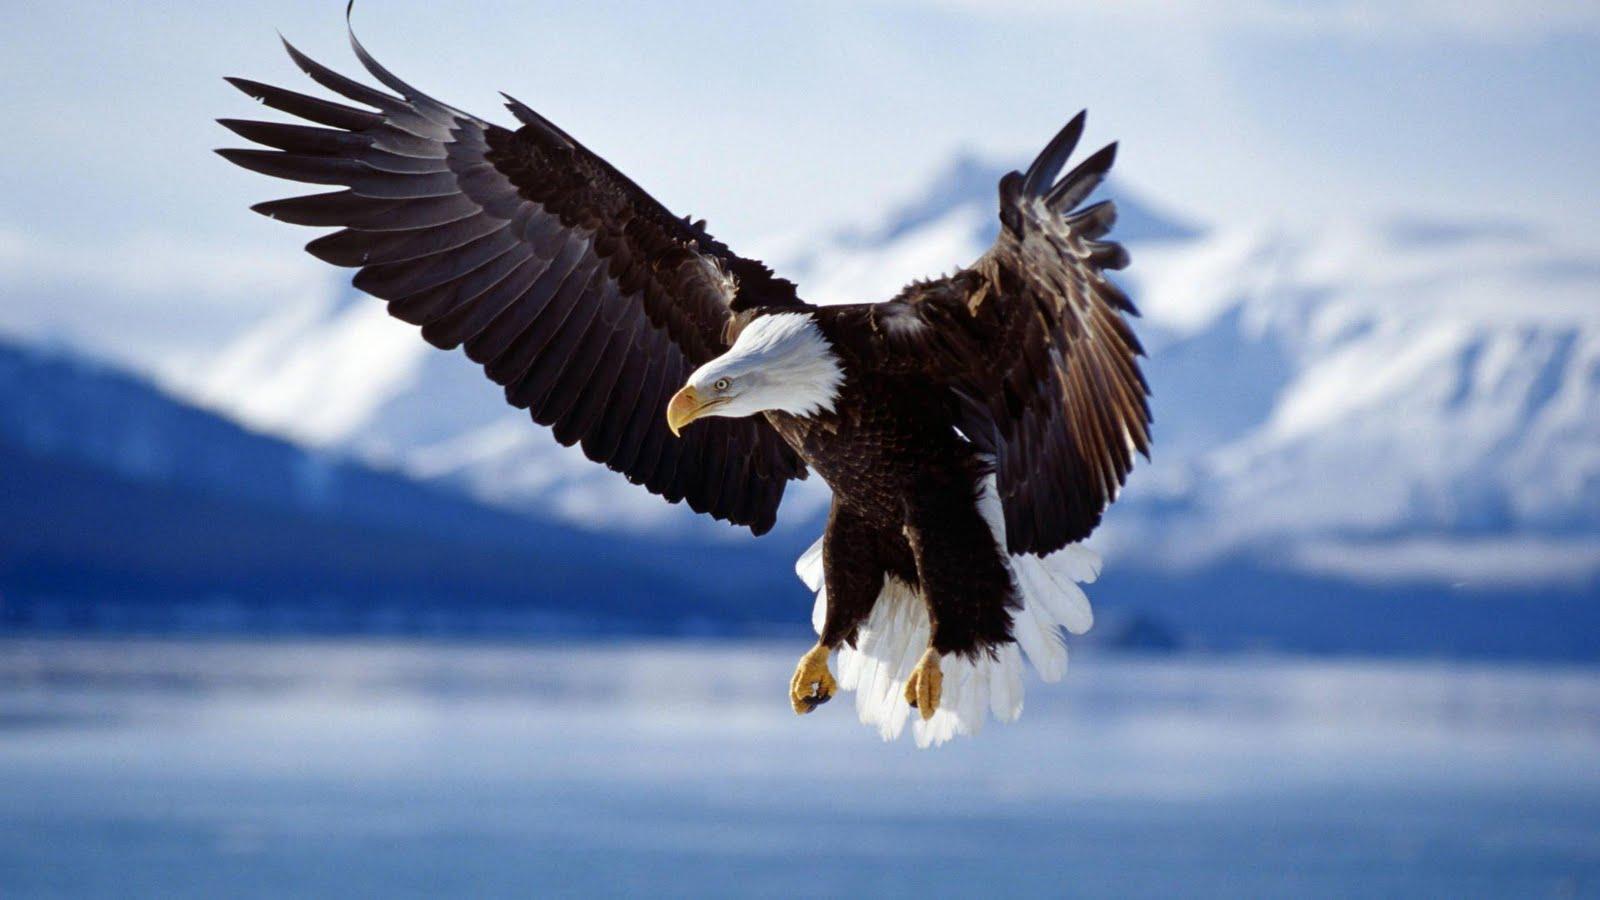 http://4.bp.blogspot.com/-_dkU05xOcPY/TkYYtFbPLfI/AAAAAAAAC_M/cs8rtWEjHFA/s1600/wallpaper_eagle.jpg